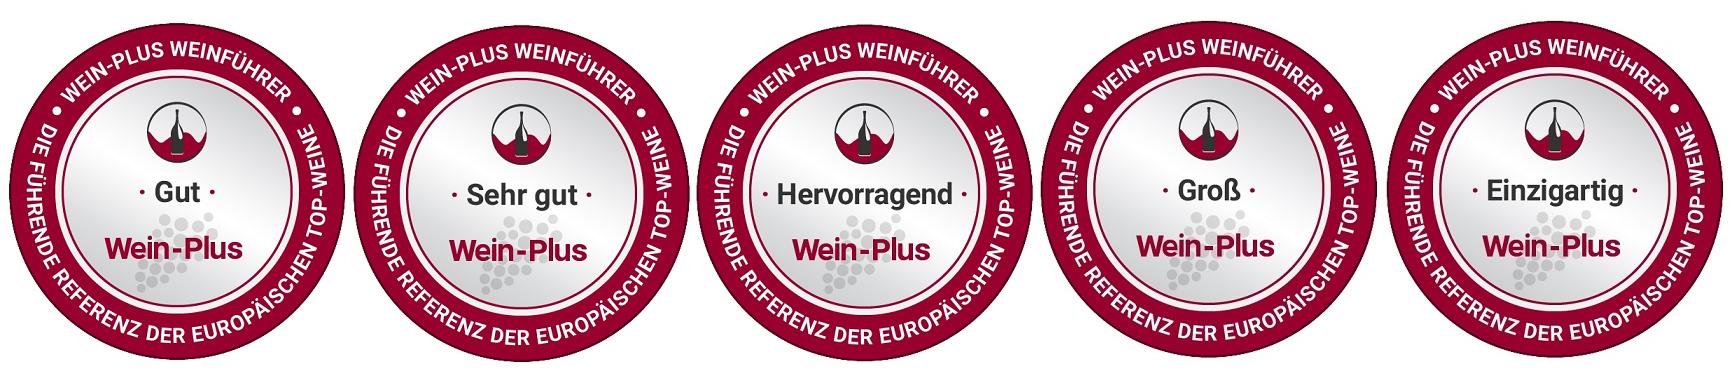 Weinbewertung - Wein-Plus: gut, sehr gut, hervorragend, groß, einzigartig